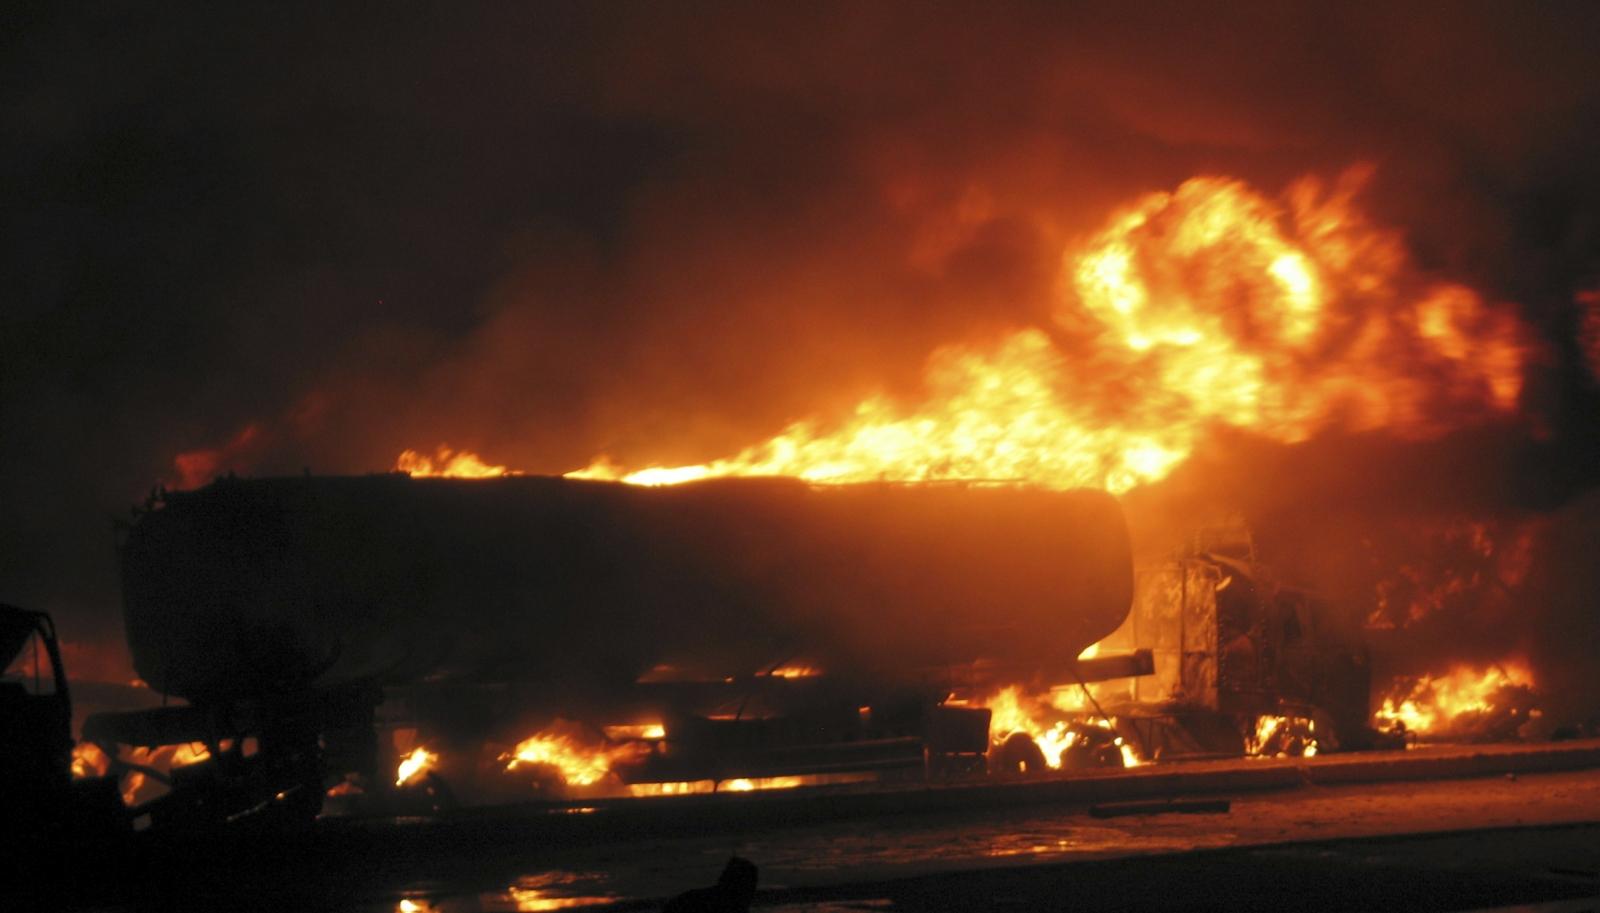 Burning fuel truck